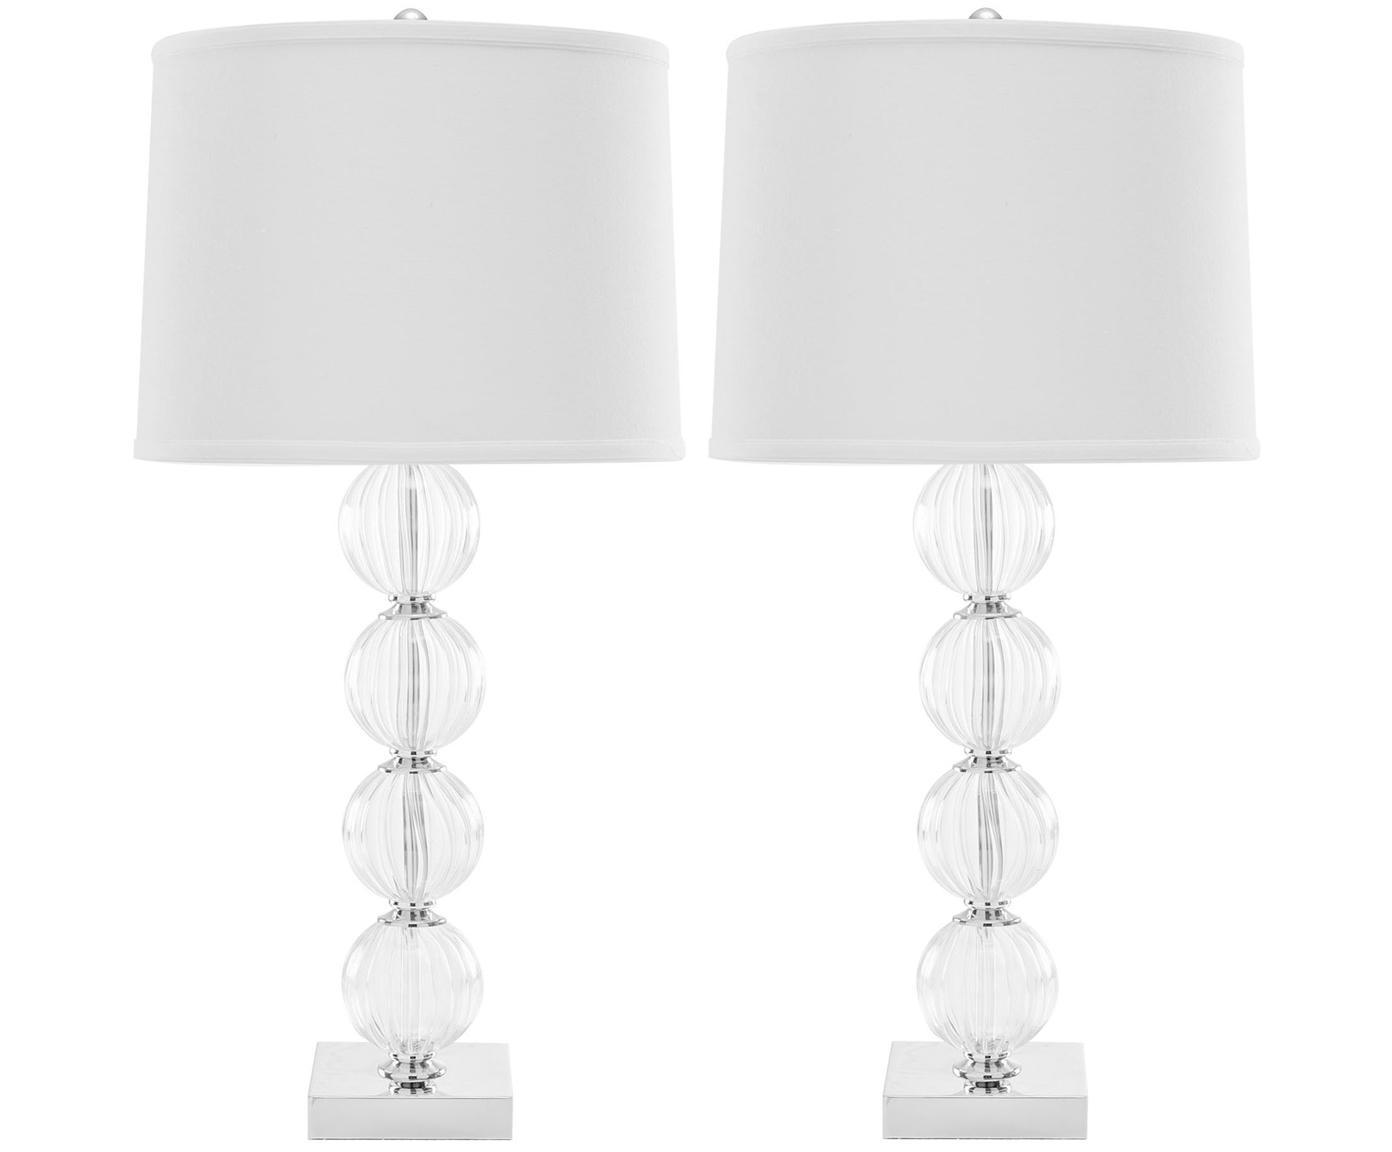 Lámparas de mesa grandes Luisa, 2uds., Pantalla: 100%poliéster, Blanco, transparente, Ø 38 x Al 76 cm